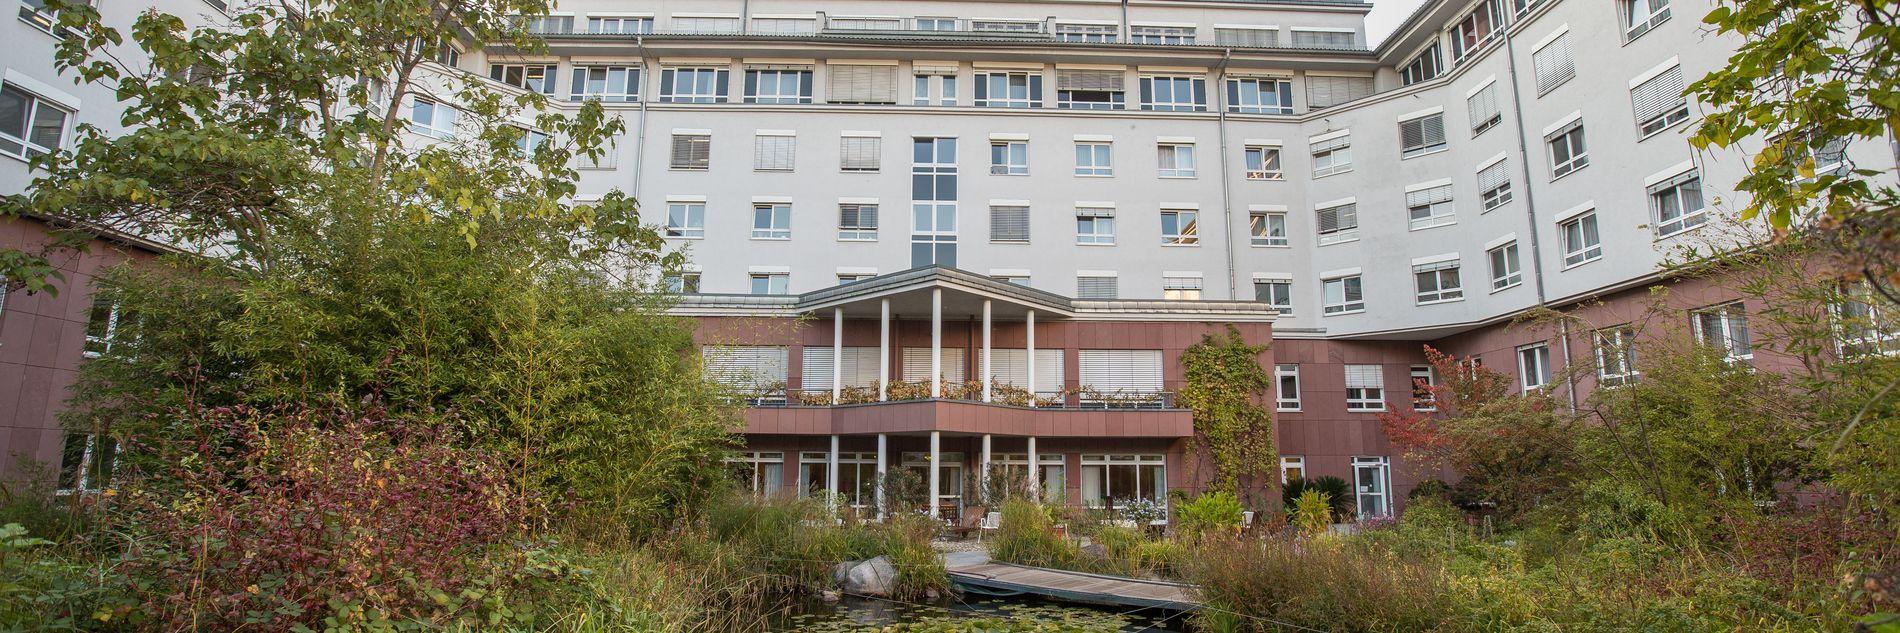 Außenansicht: Universitätsklinikum Freiburg Klinik für Onkologische Rehabilitation